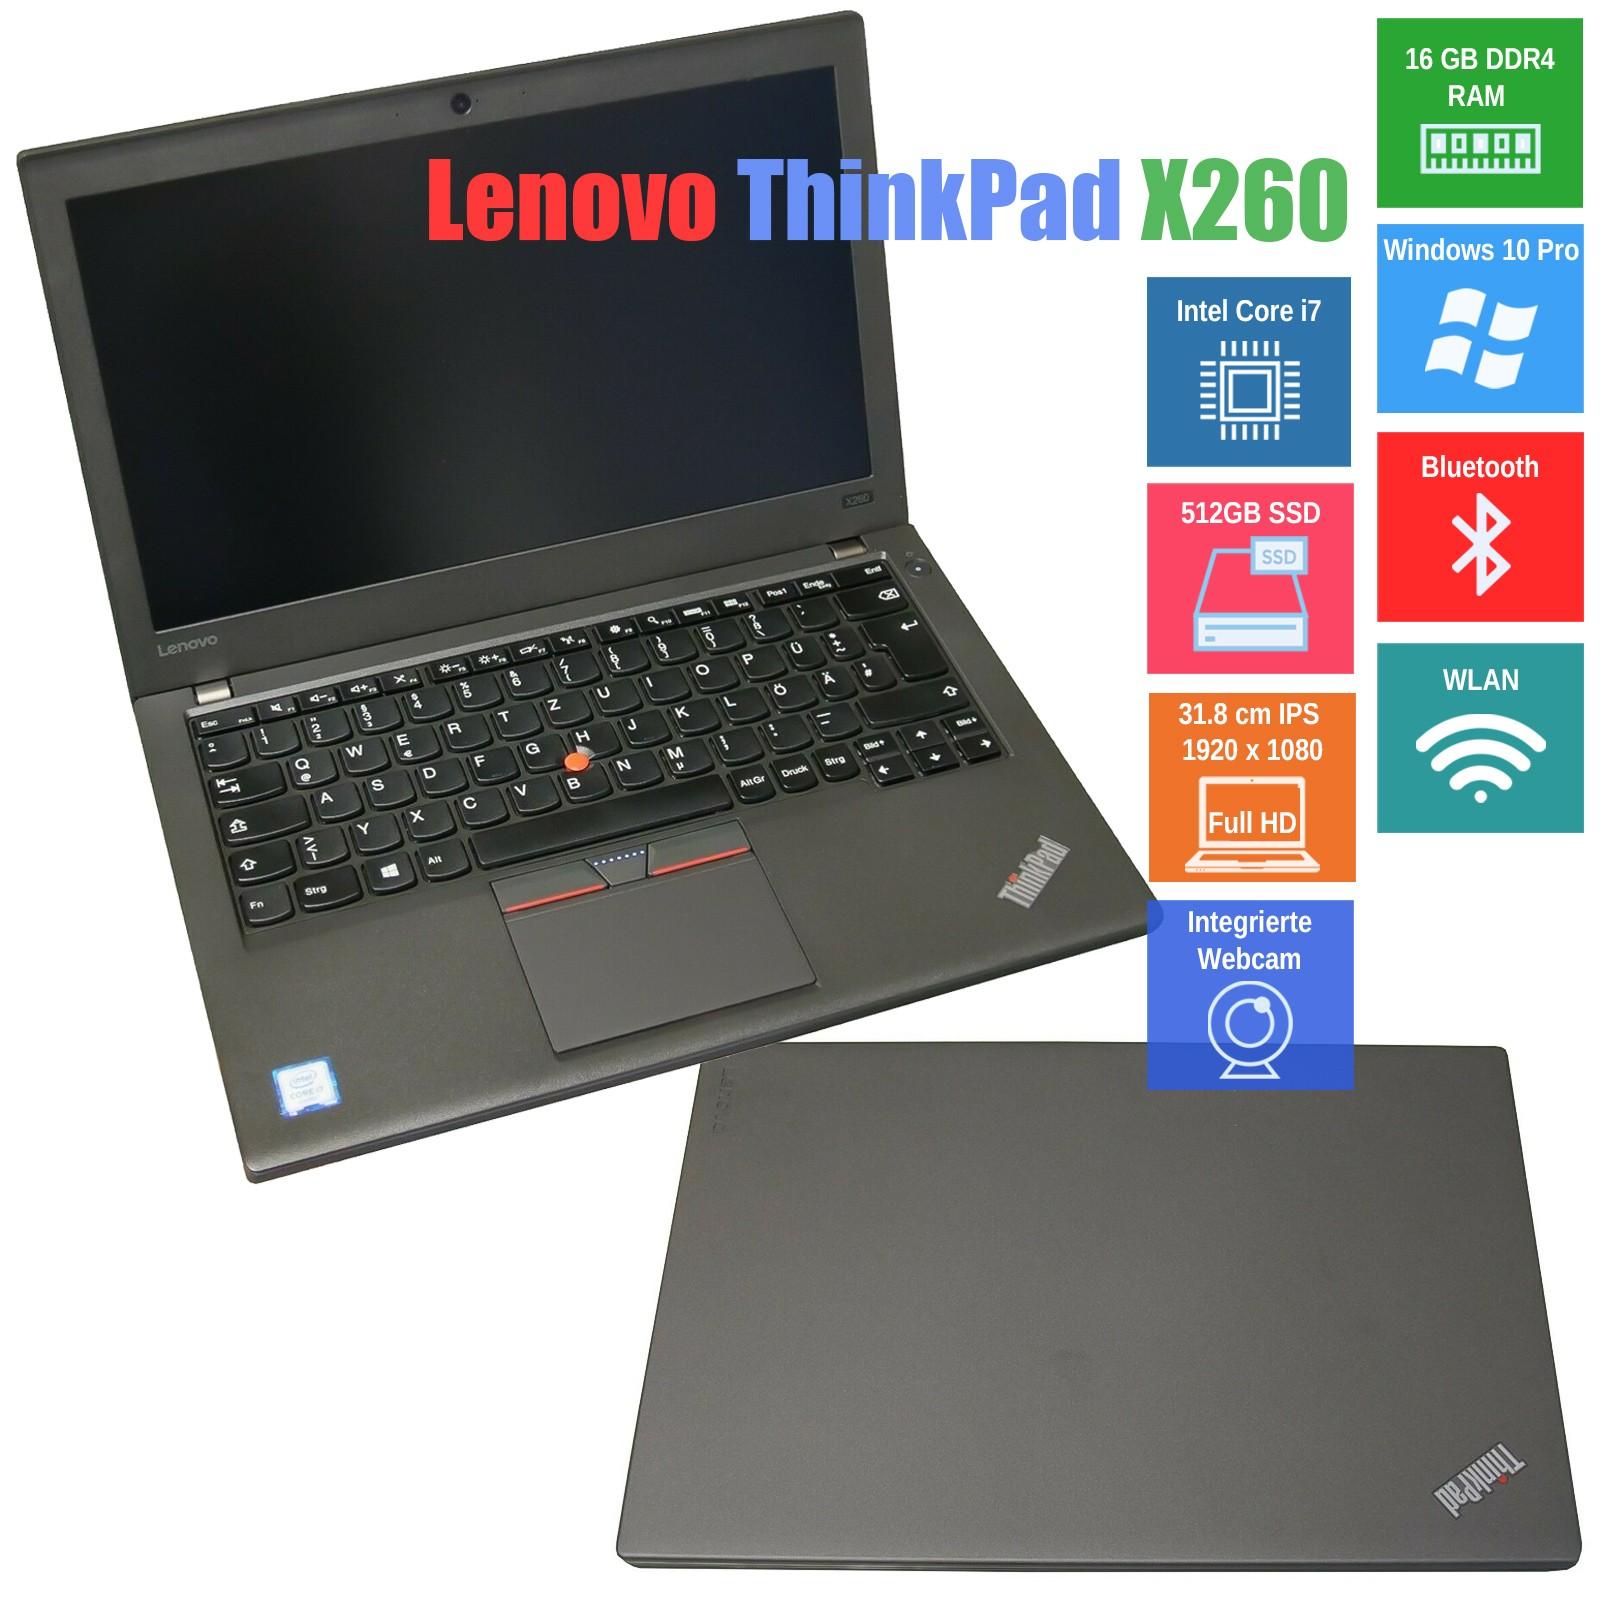 Notebook Lenovo ThinkPad X260